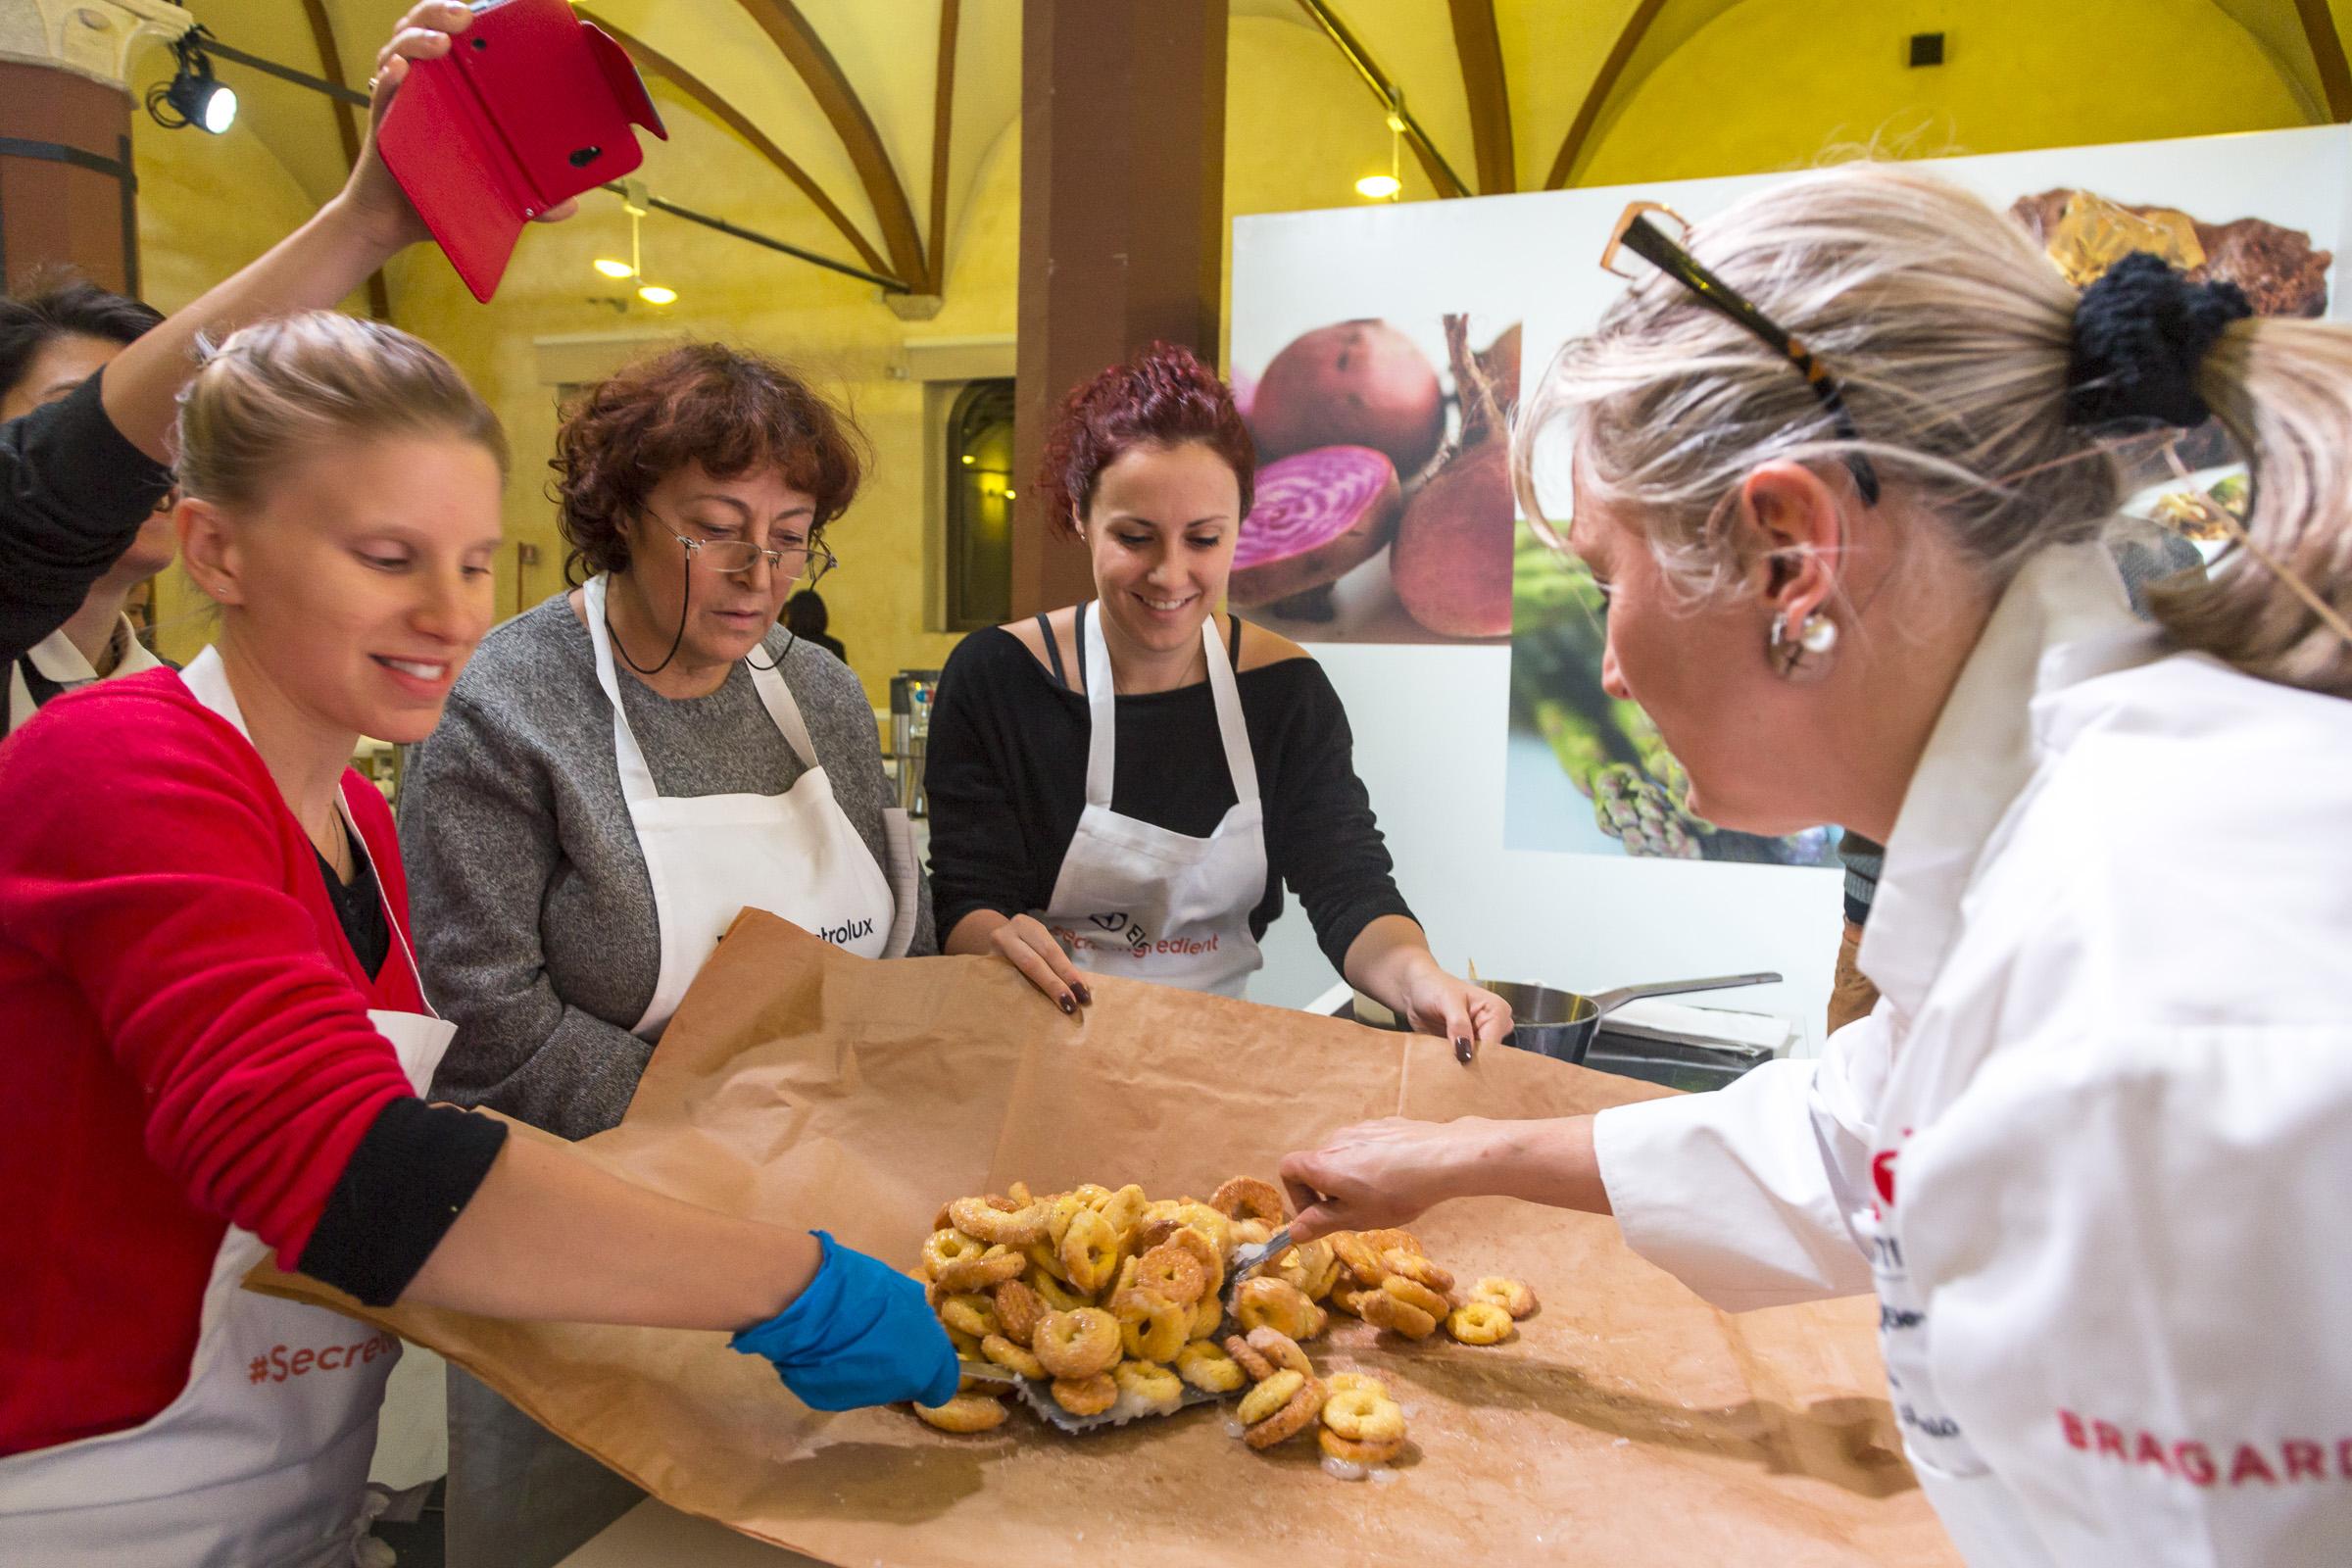 Bolognafood scuola di cucina chef lucia antonelli - Scuola di cucina bologna ...